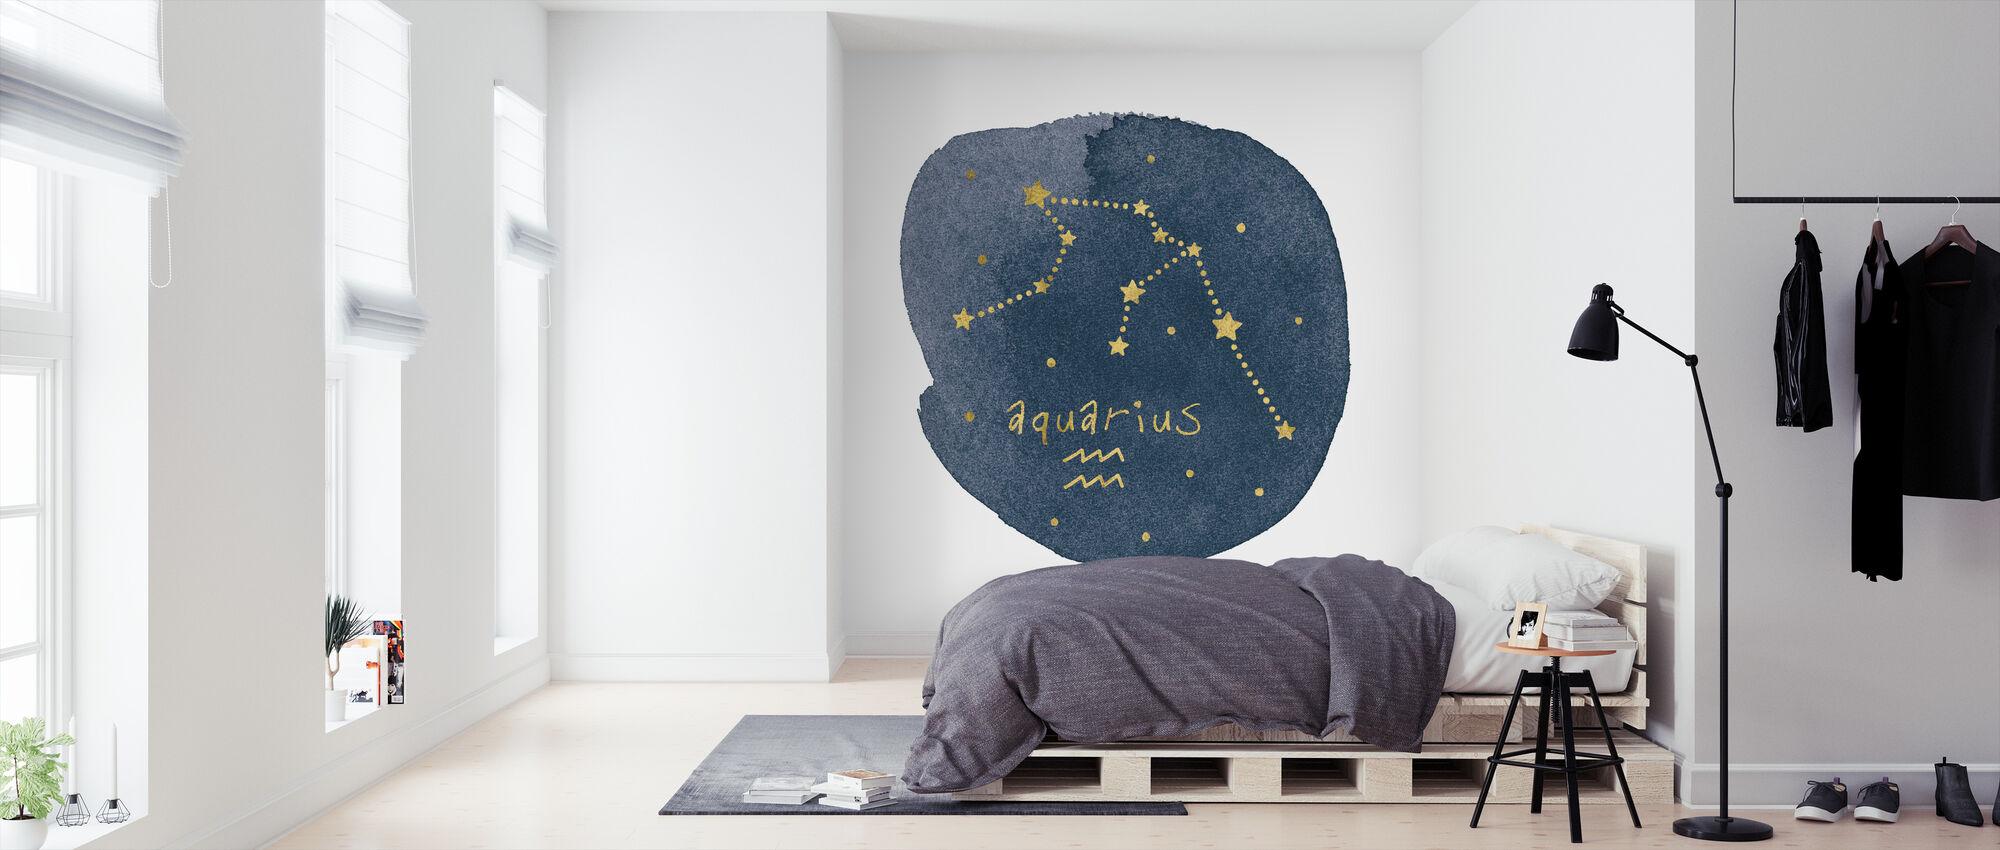 Horoscoop Waterman - Behang - Slaapkamer